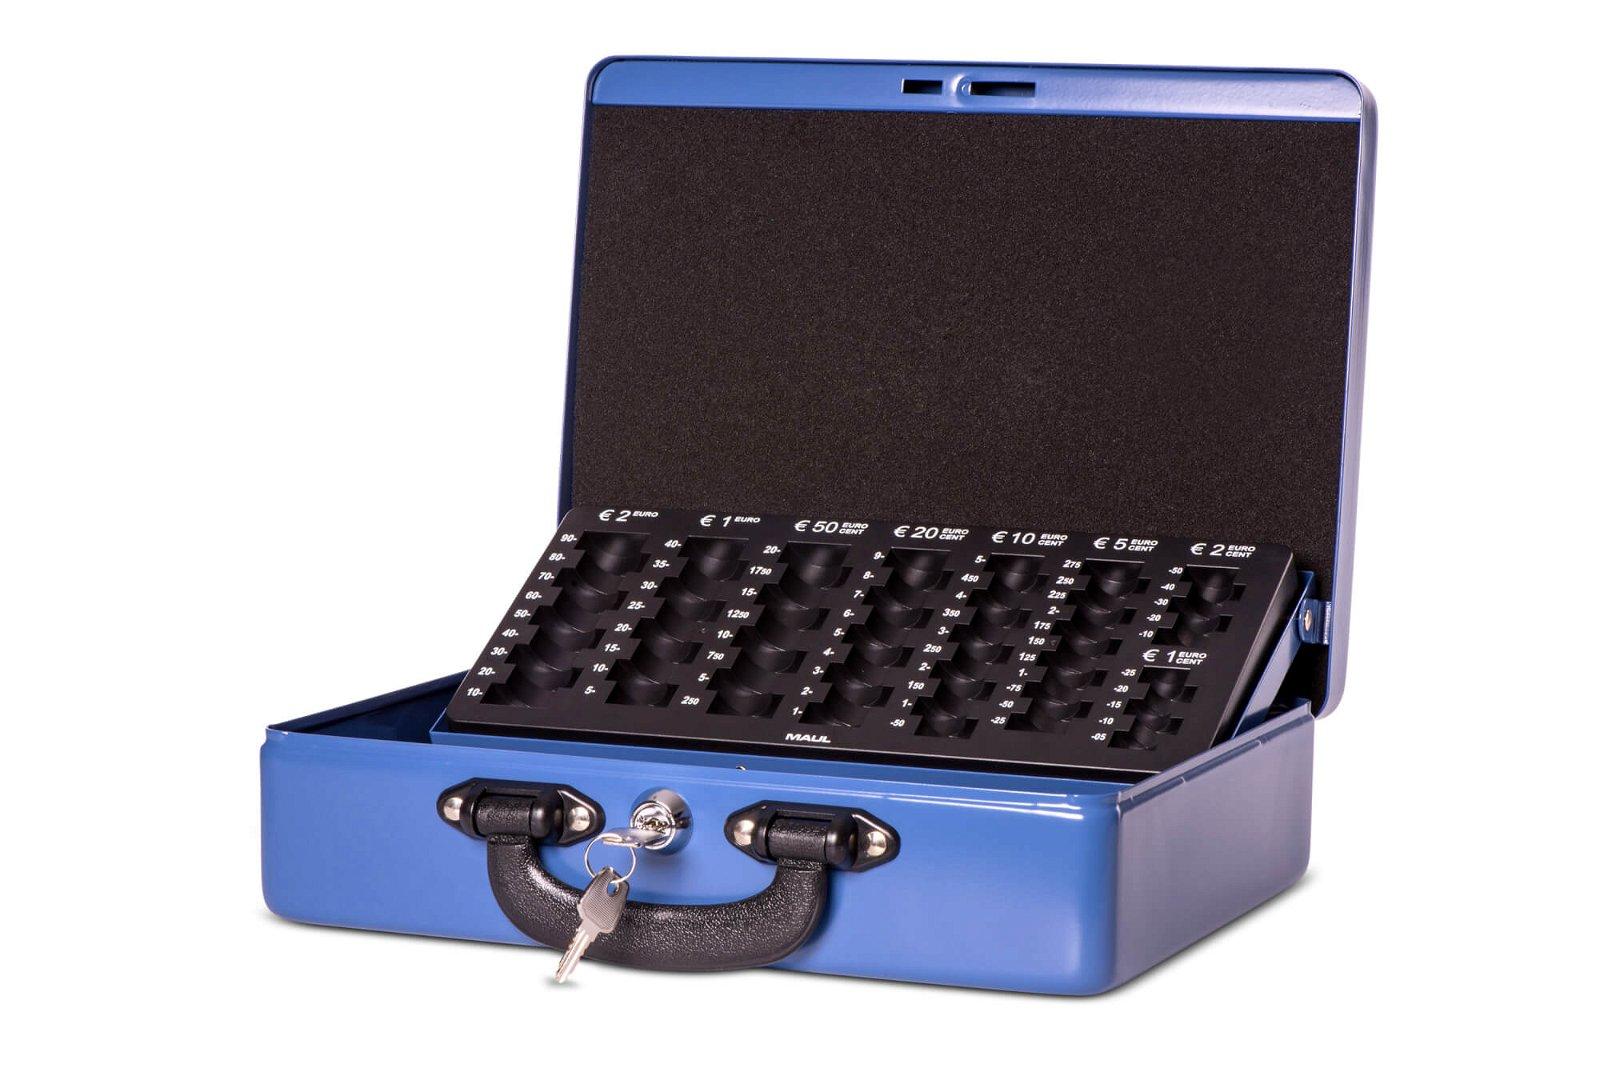 Geldkassette mit Euro-Zähl- -Einsatz, 30 x 24,5 x 9,3 cm, blau